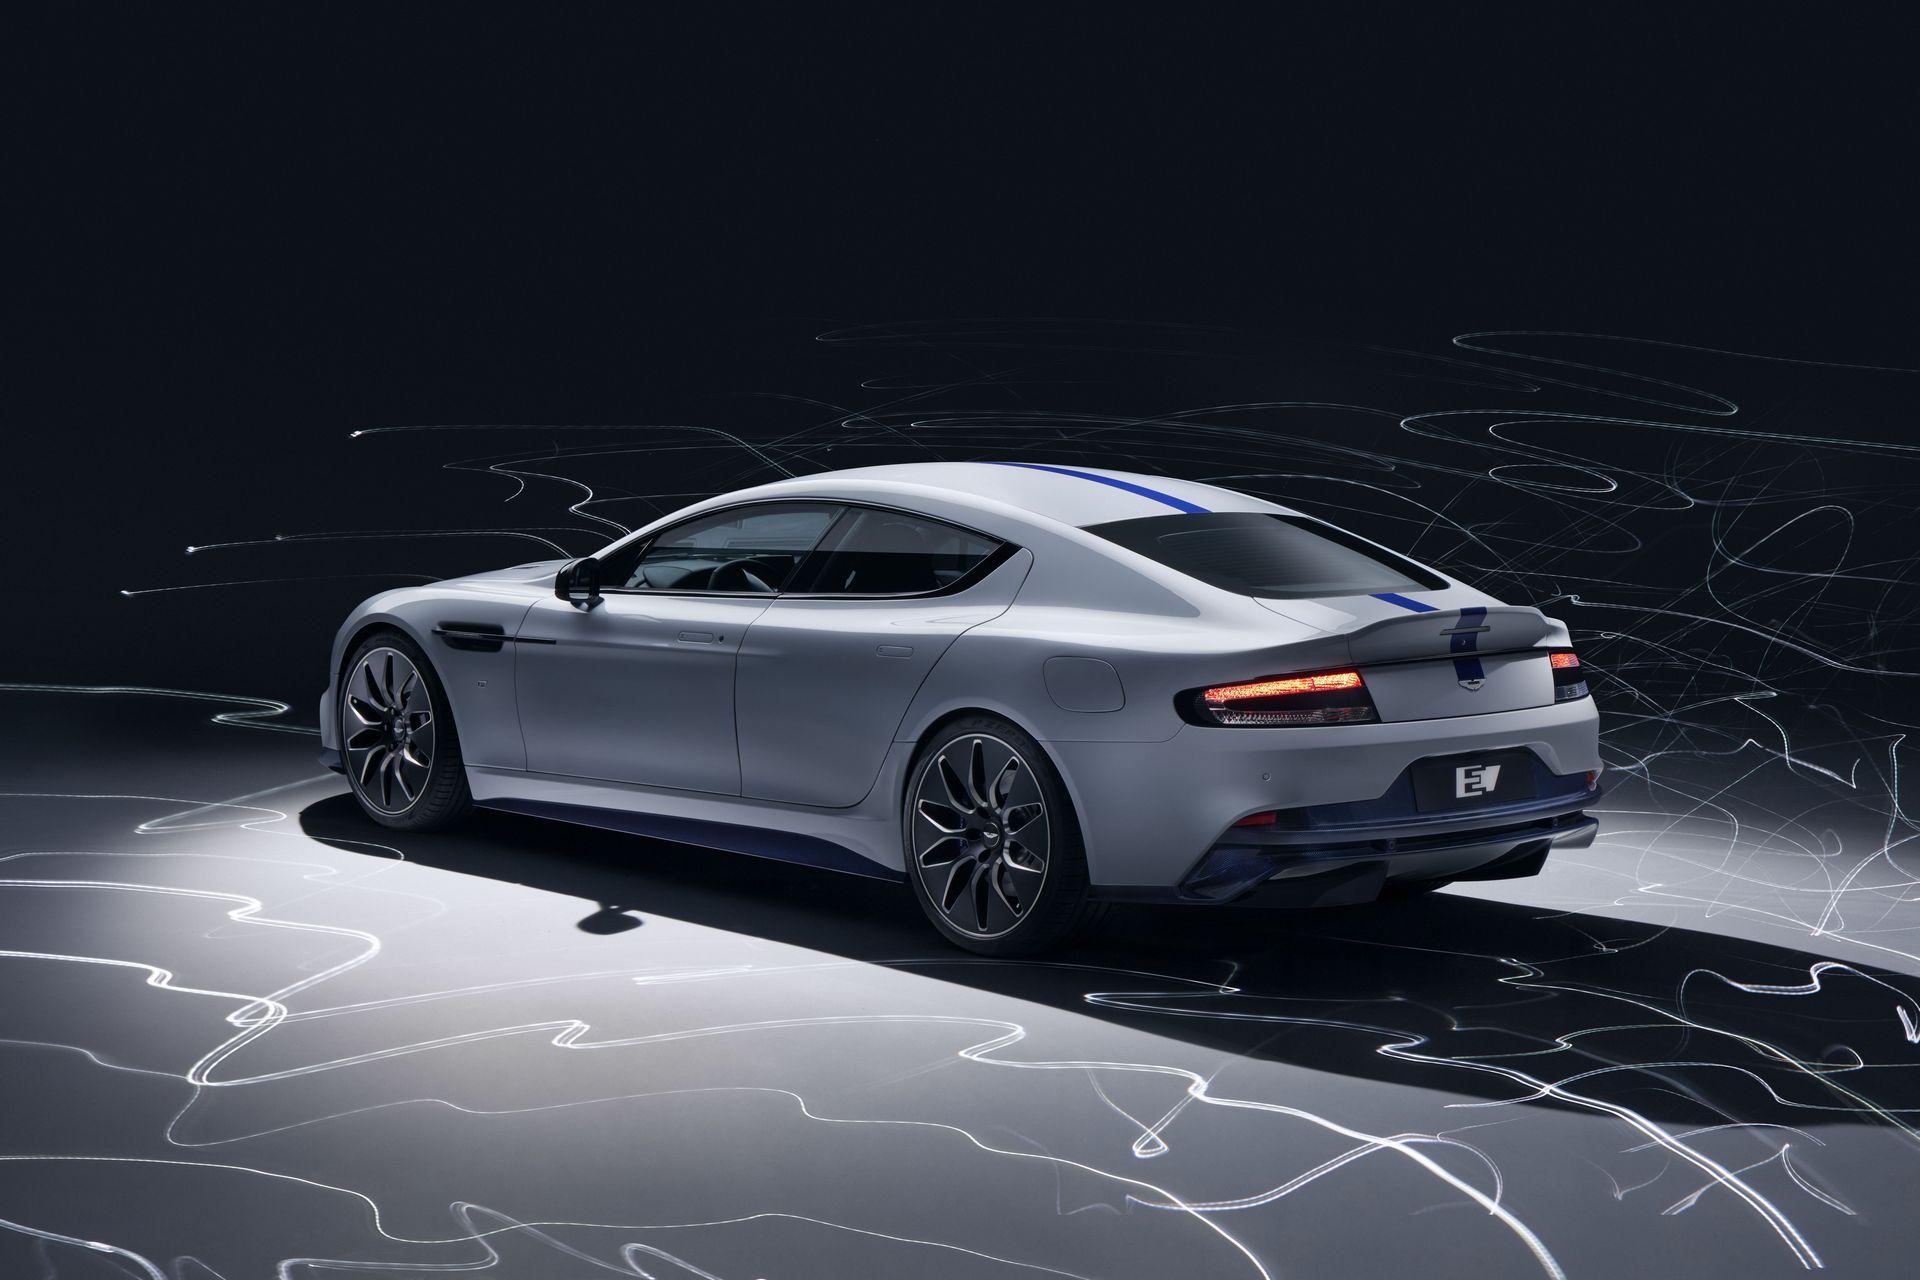 Официальные фото первого электрокара Aston Martin для агента 007